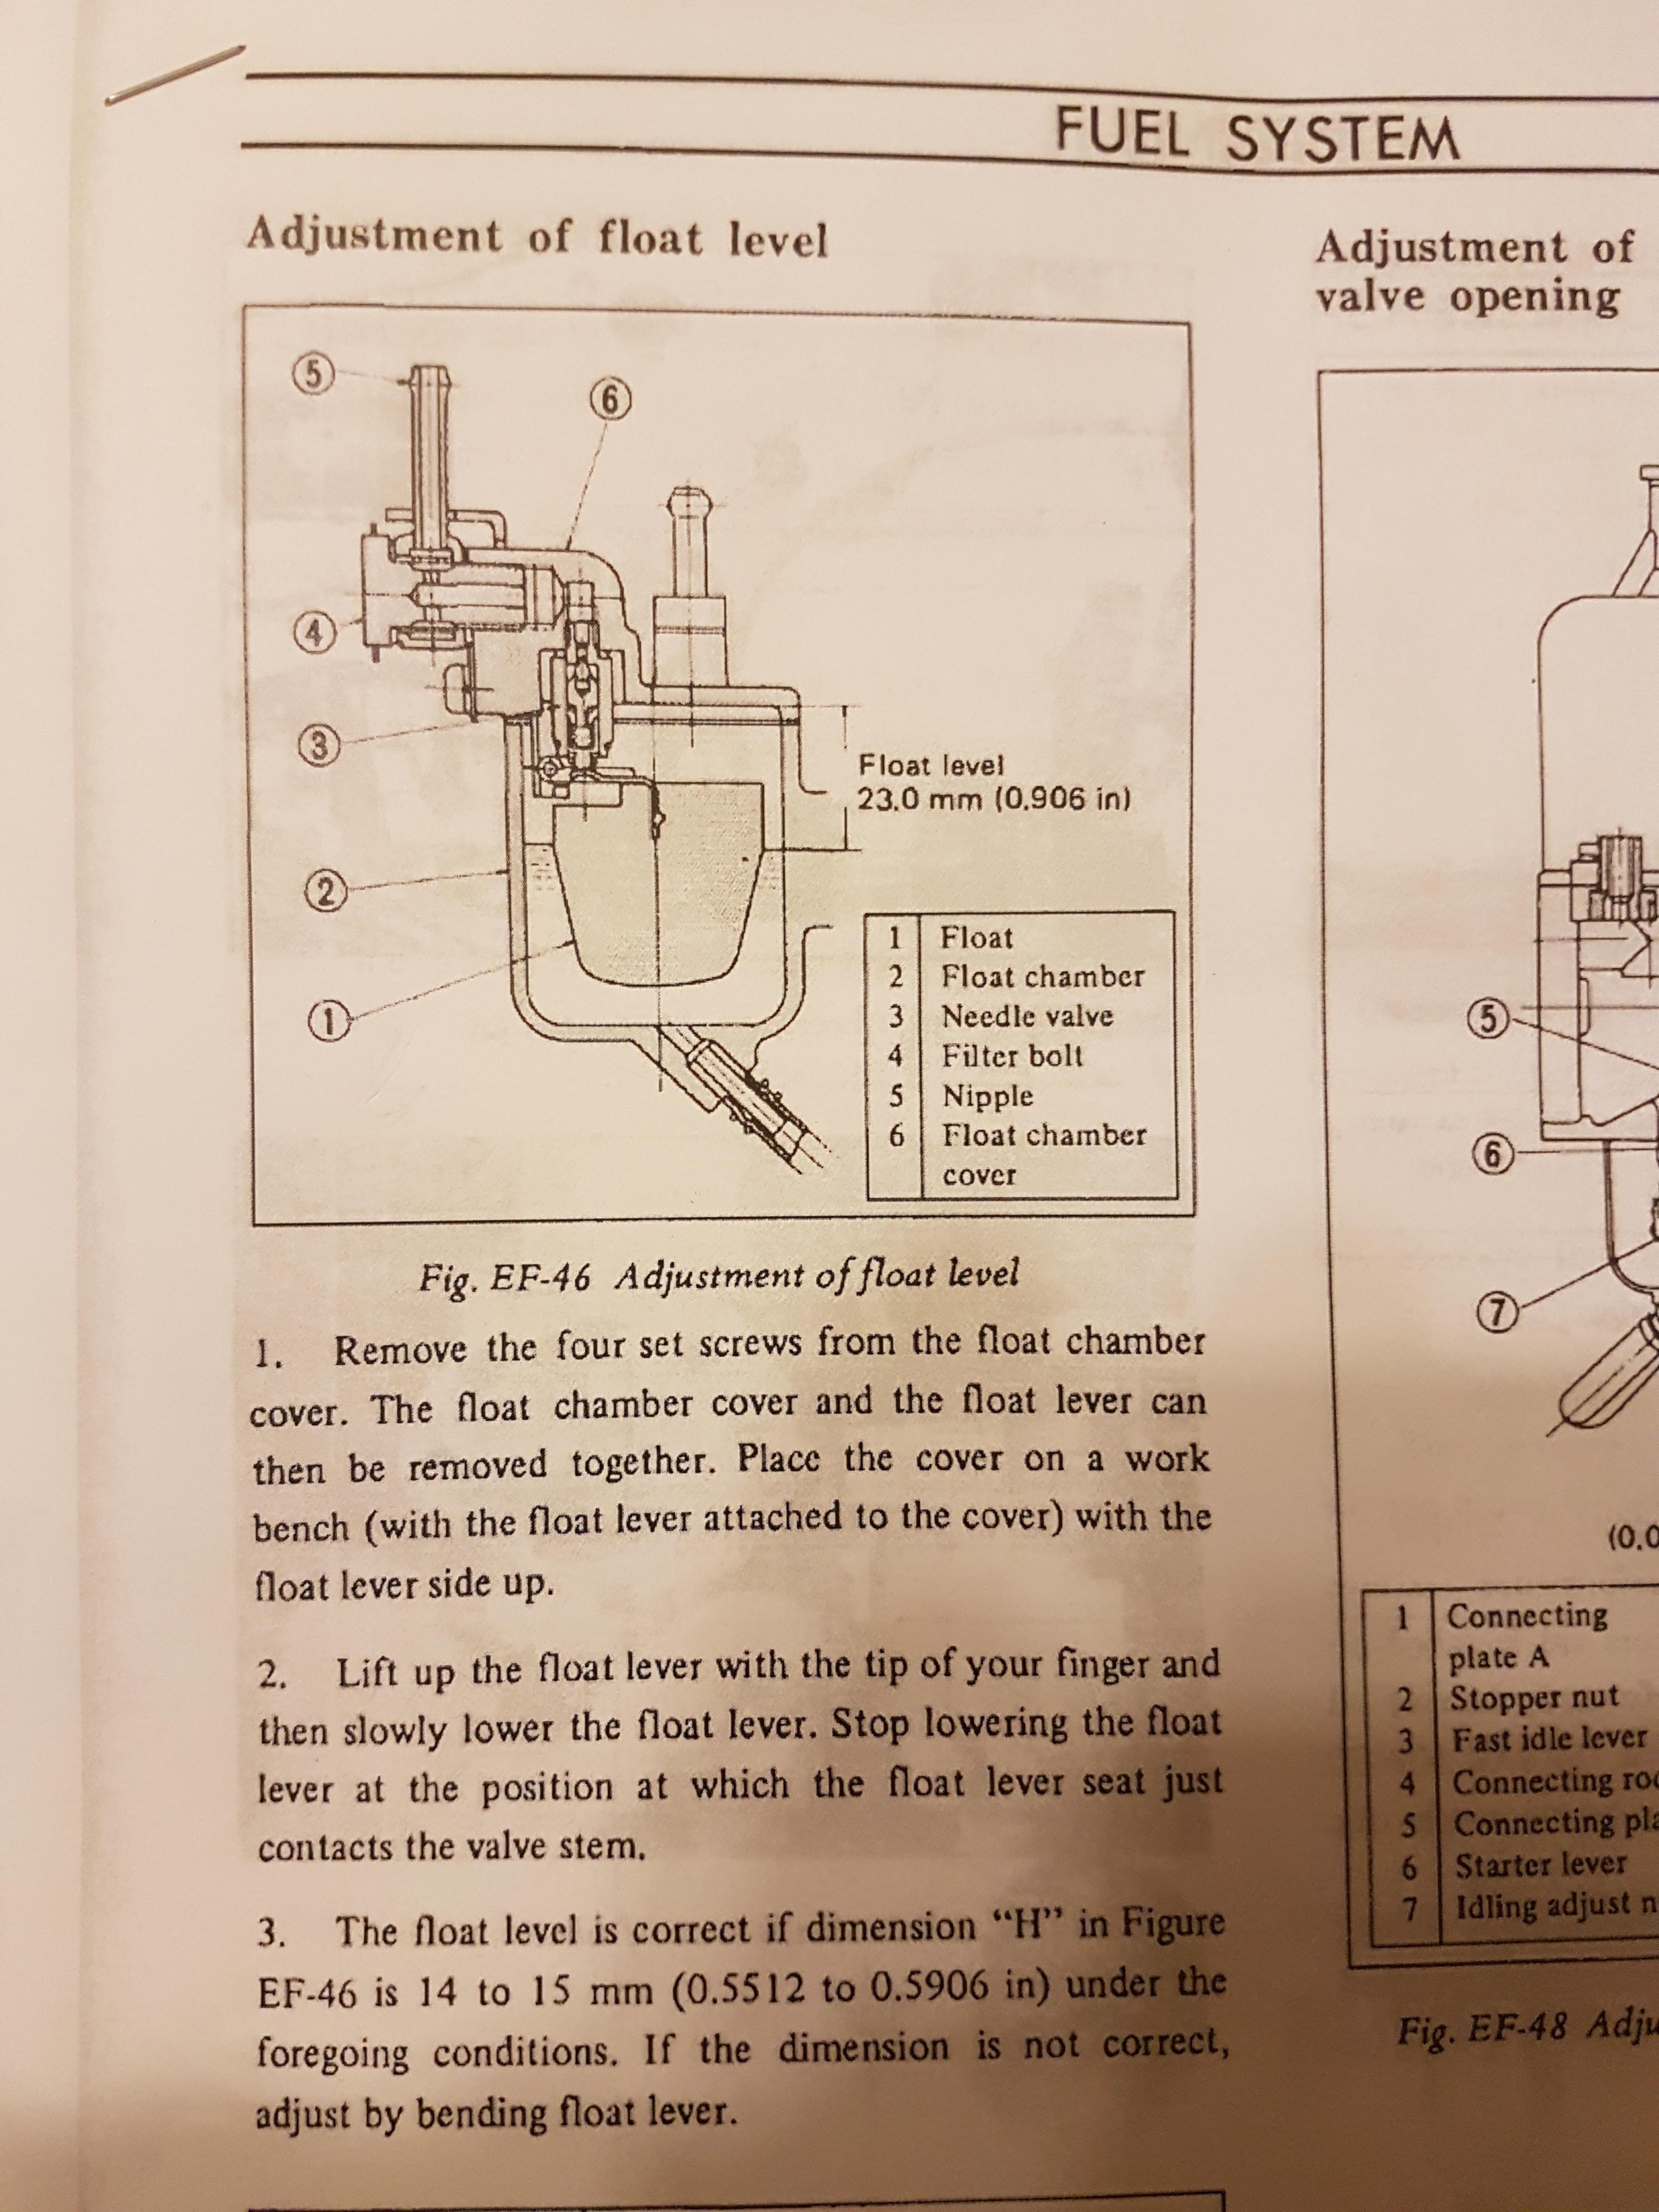 1972 Float Adjustment ... - Page 4 - Carburetor Central - The ...